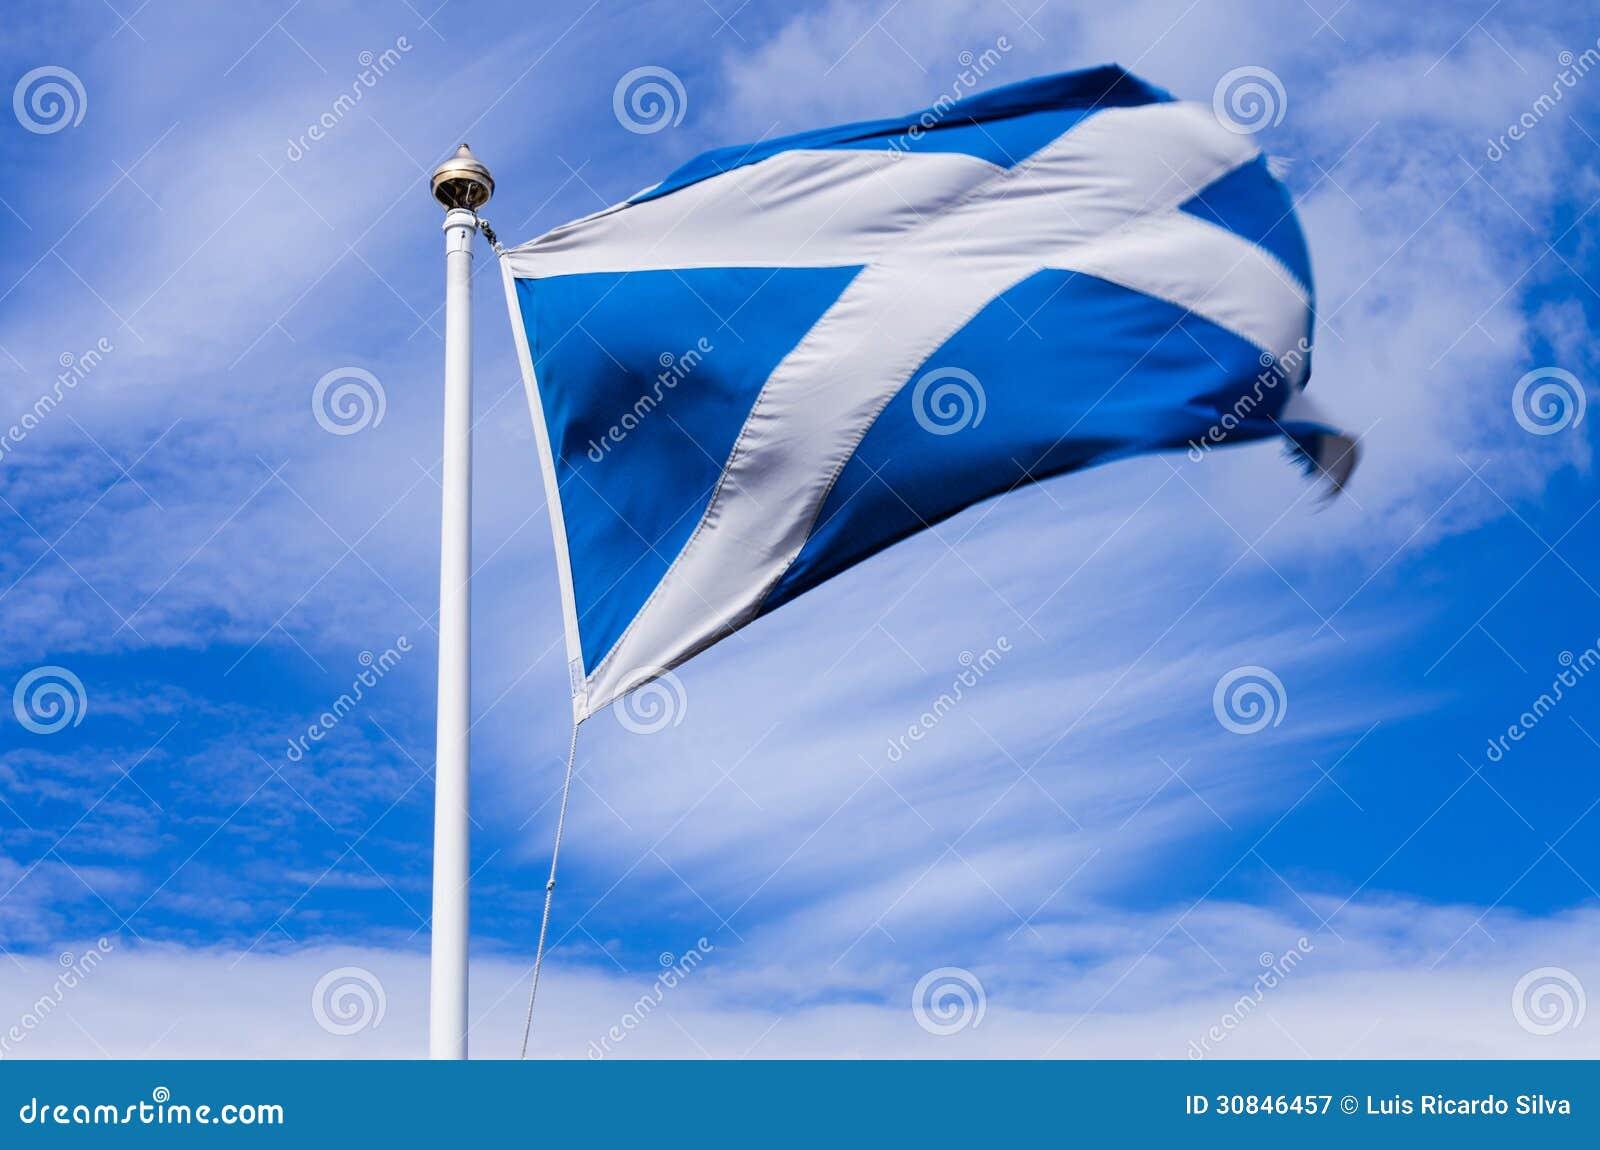 scottish flag royalty free stock photography image 30846457